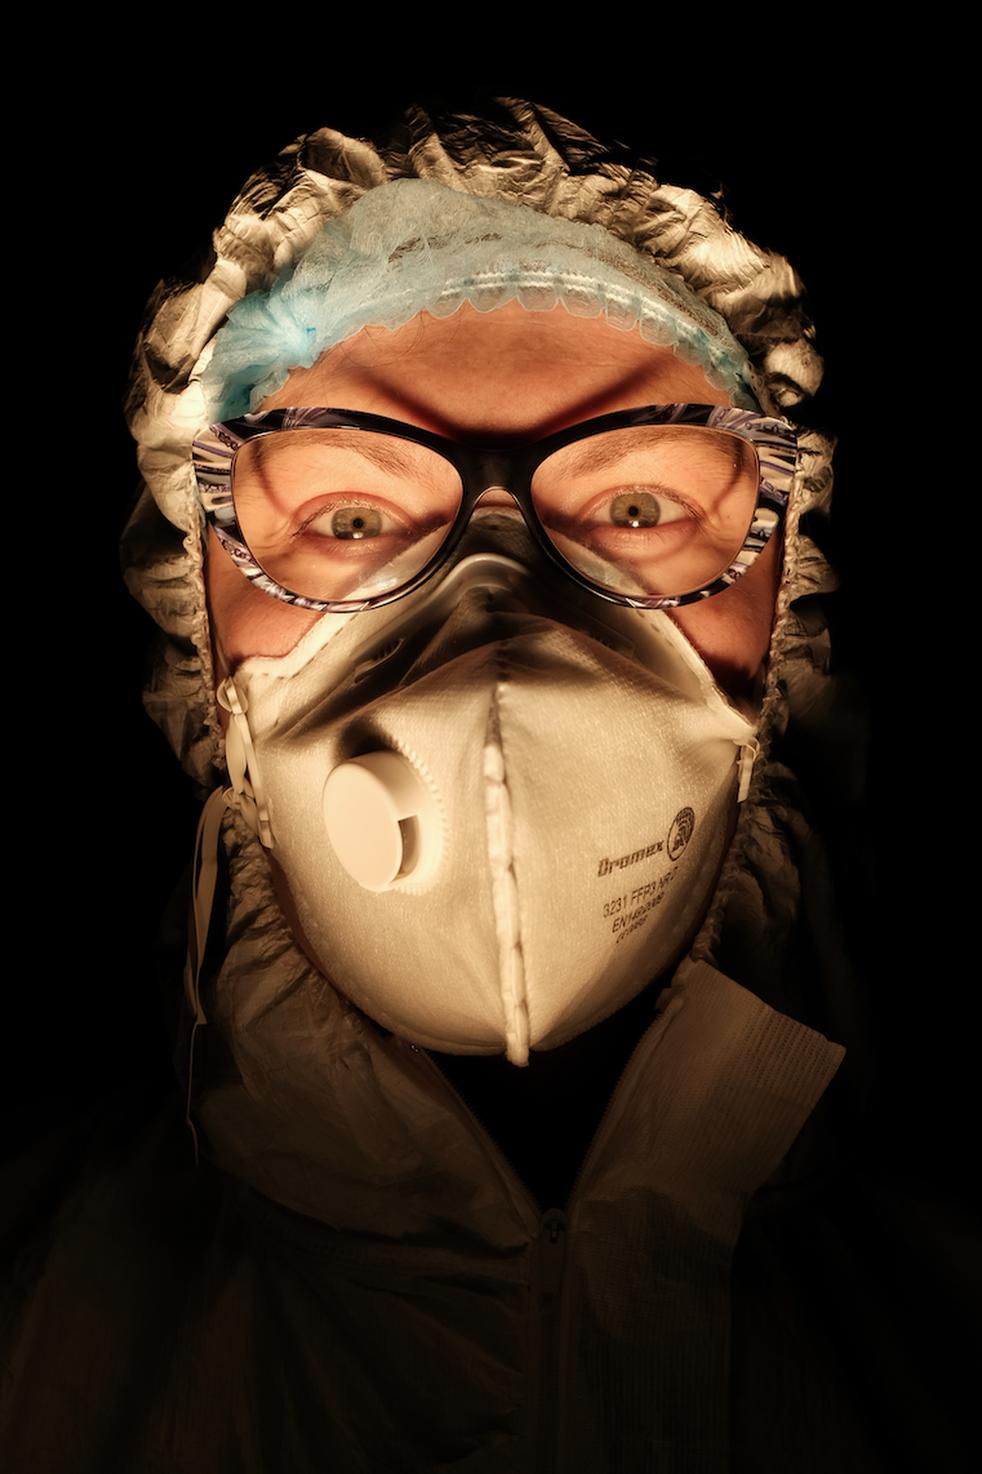 Seorang perawat mengenakan masker dengan latar belakang ruangan yang gelap